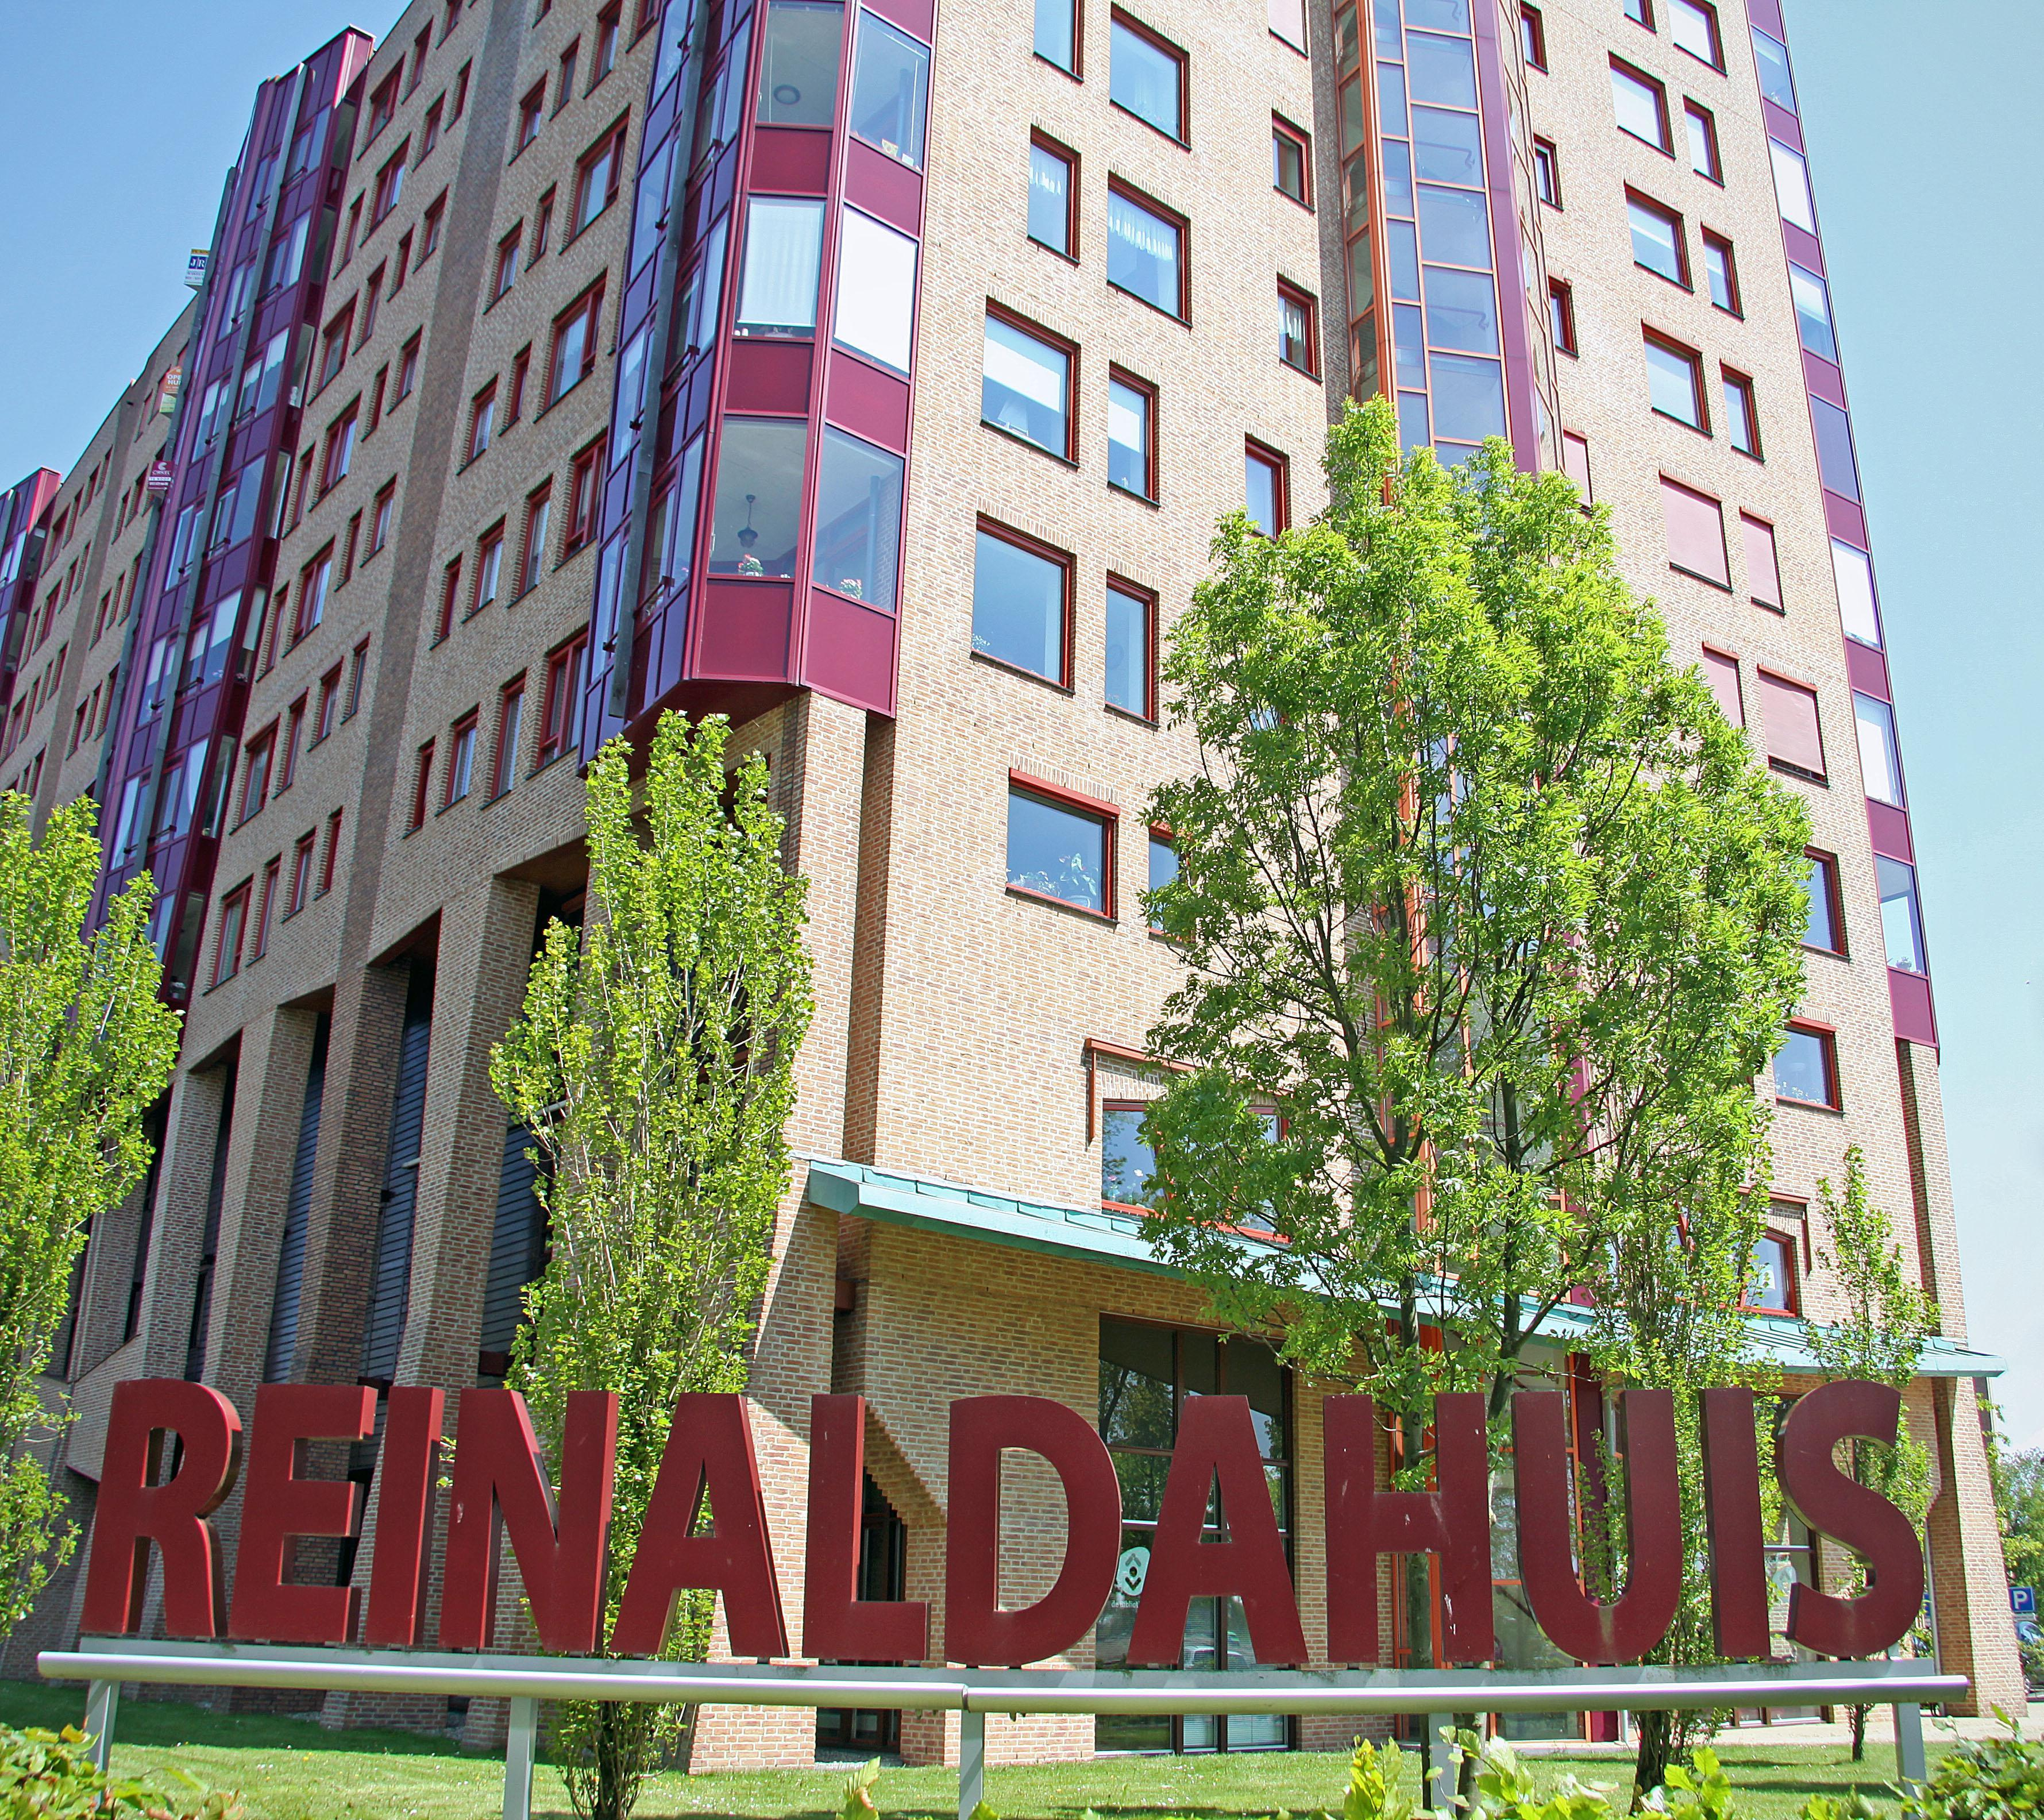 Reinaldahuis in Haarlem dicht voor bezoek